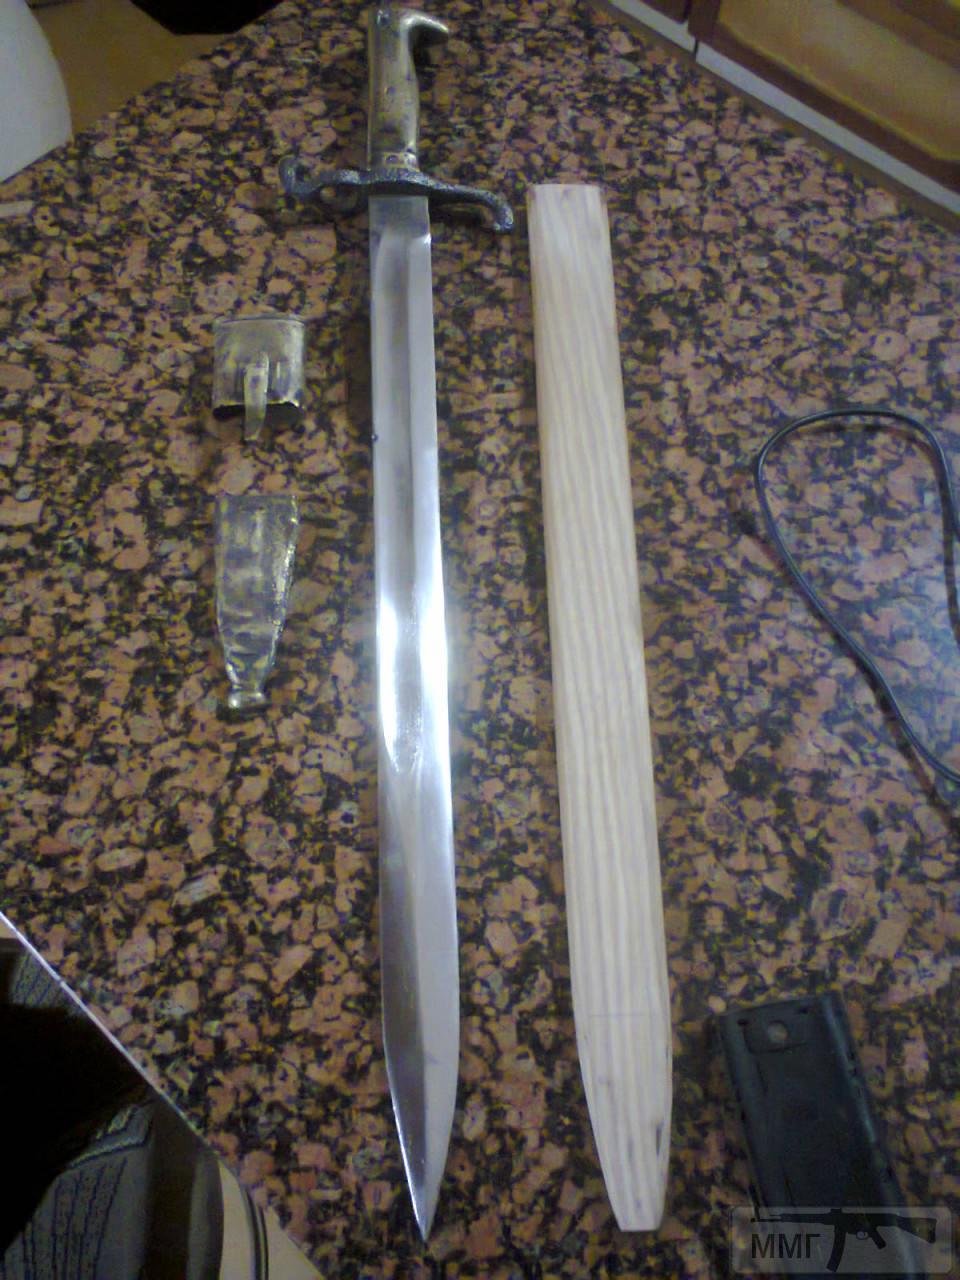 84426 - реплики ножей